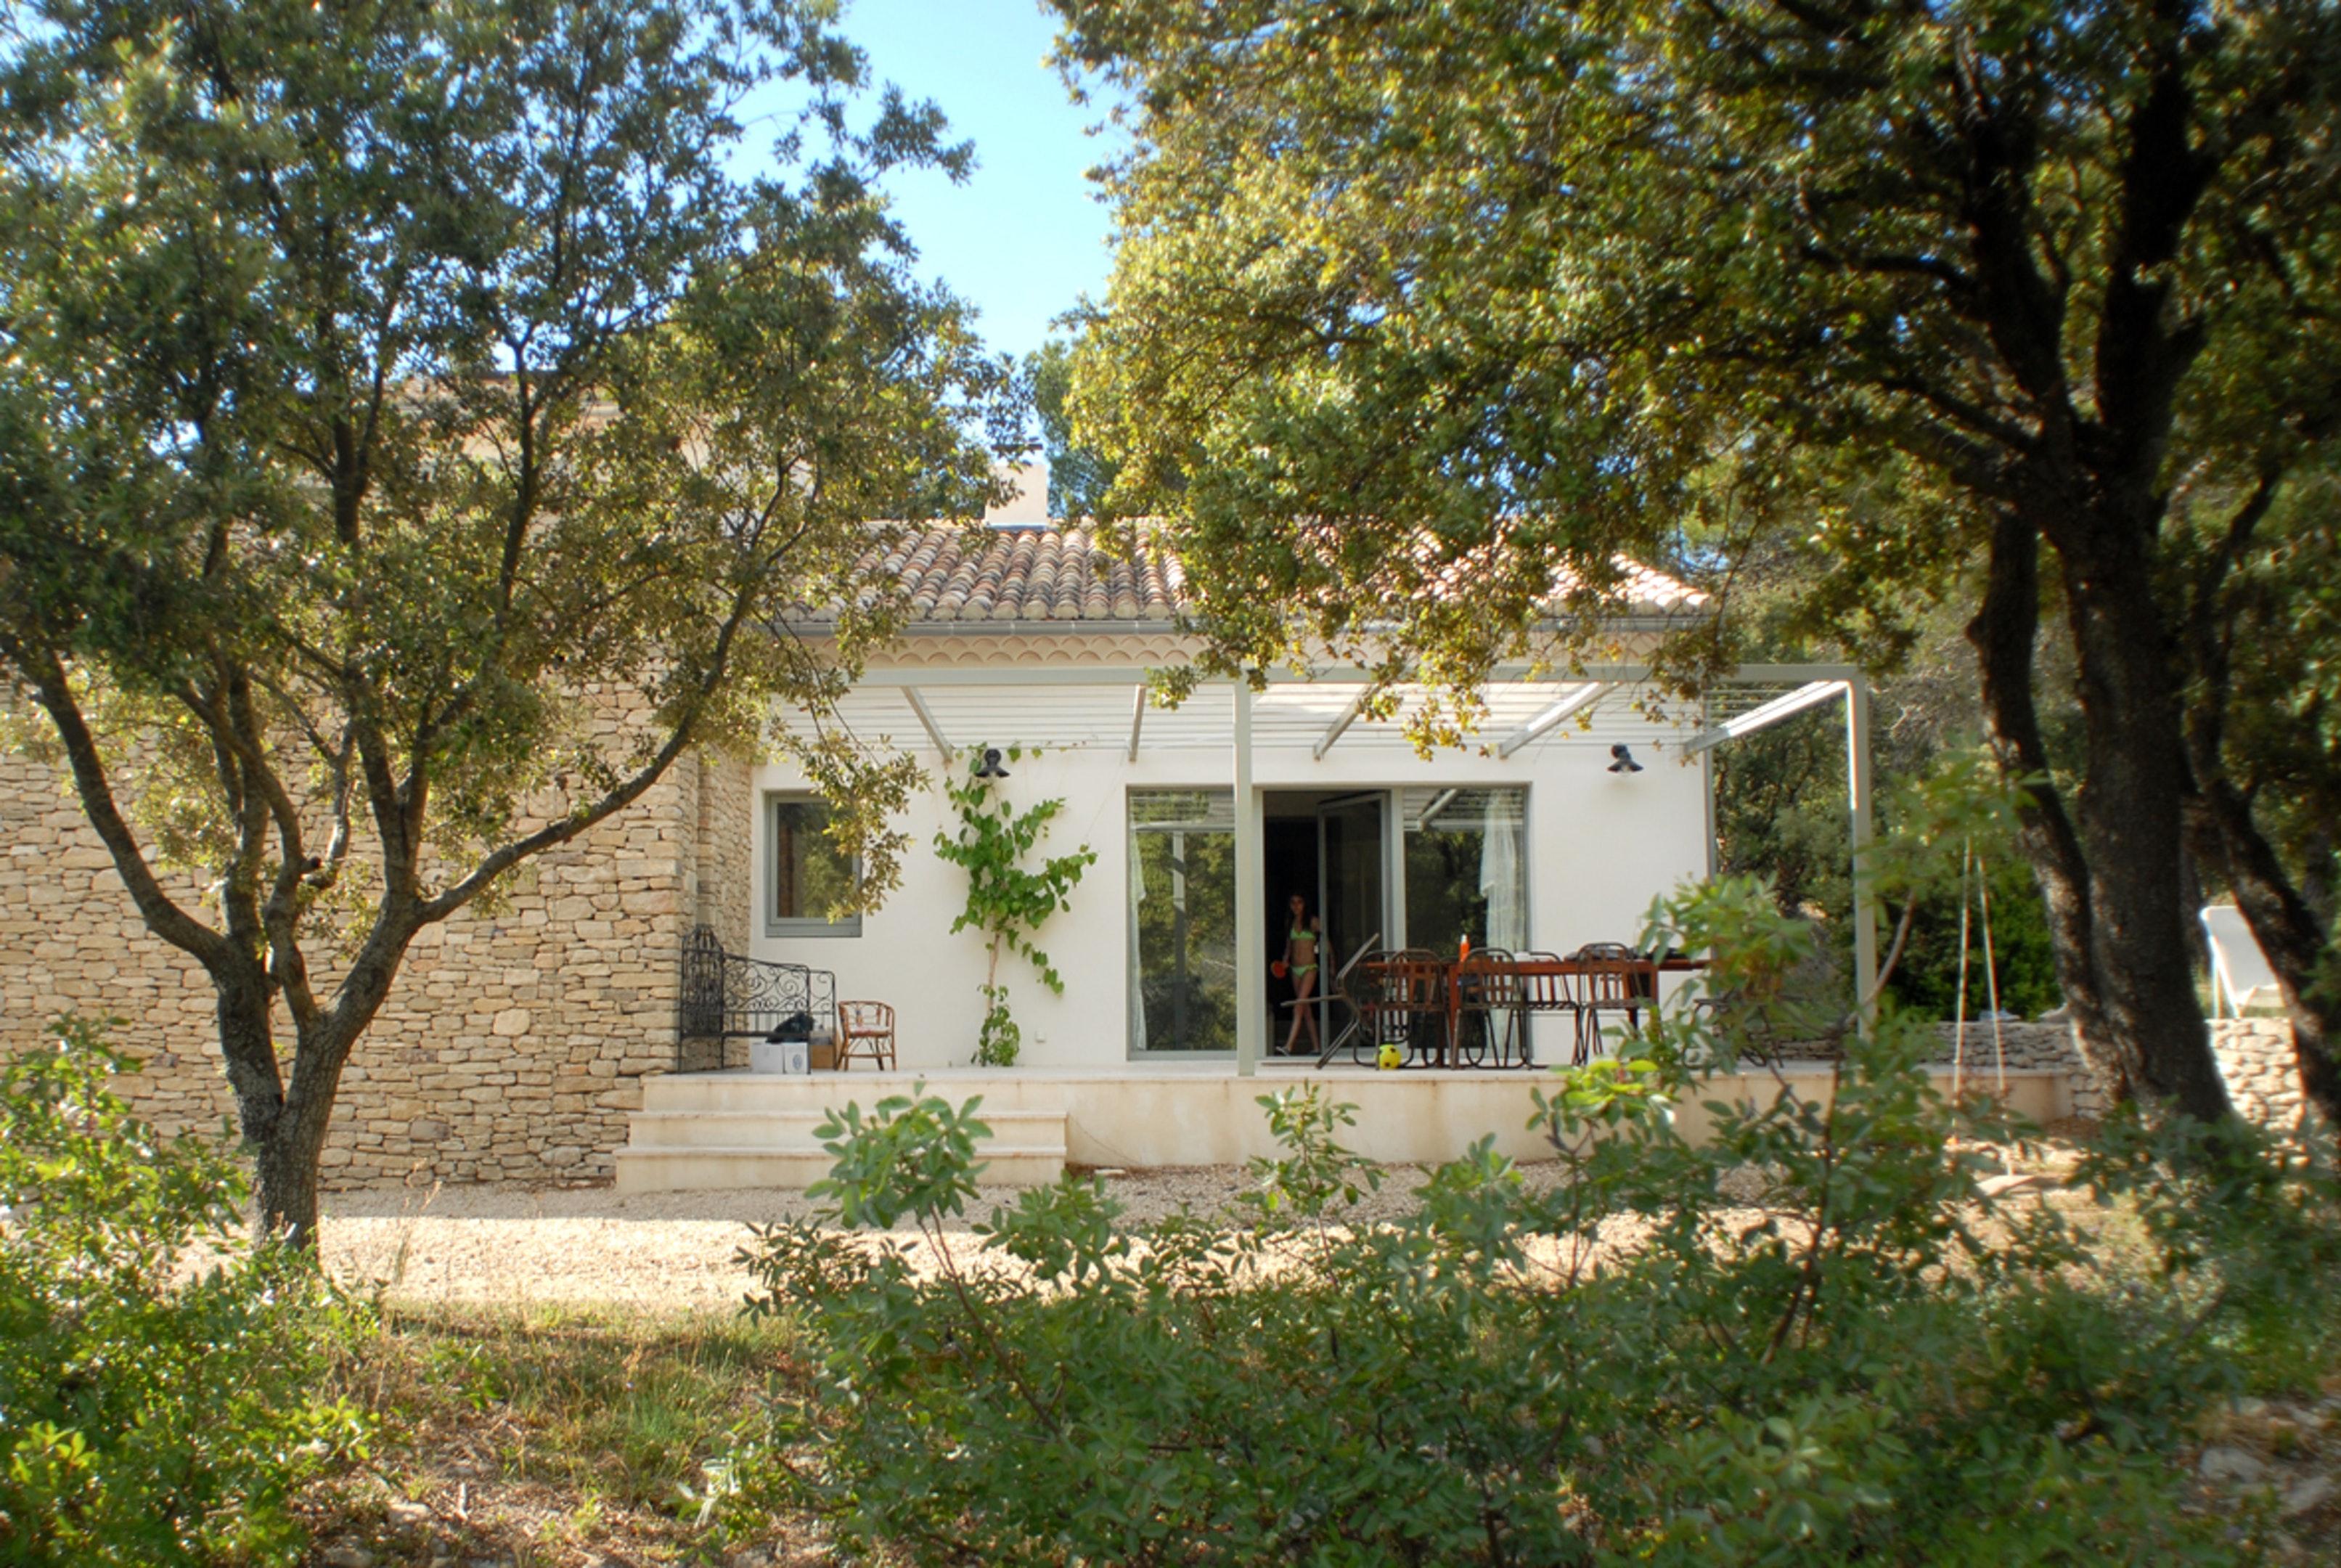 Maison de vacances Villa mit 5 Schlafzimmern in L'Isle-sur-la-Sorgue mit privatem Pool, eingezäuntem Garten u (2202725), L'Isle sur la Sorgue, Vaucluse, Provence - Alpes - Côte d'Azur, France, image 15